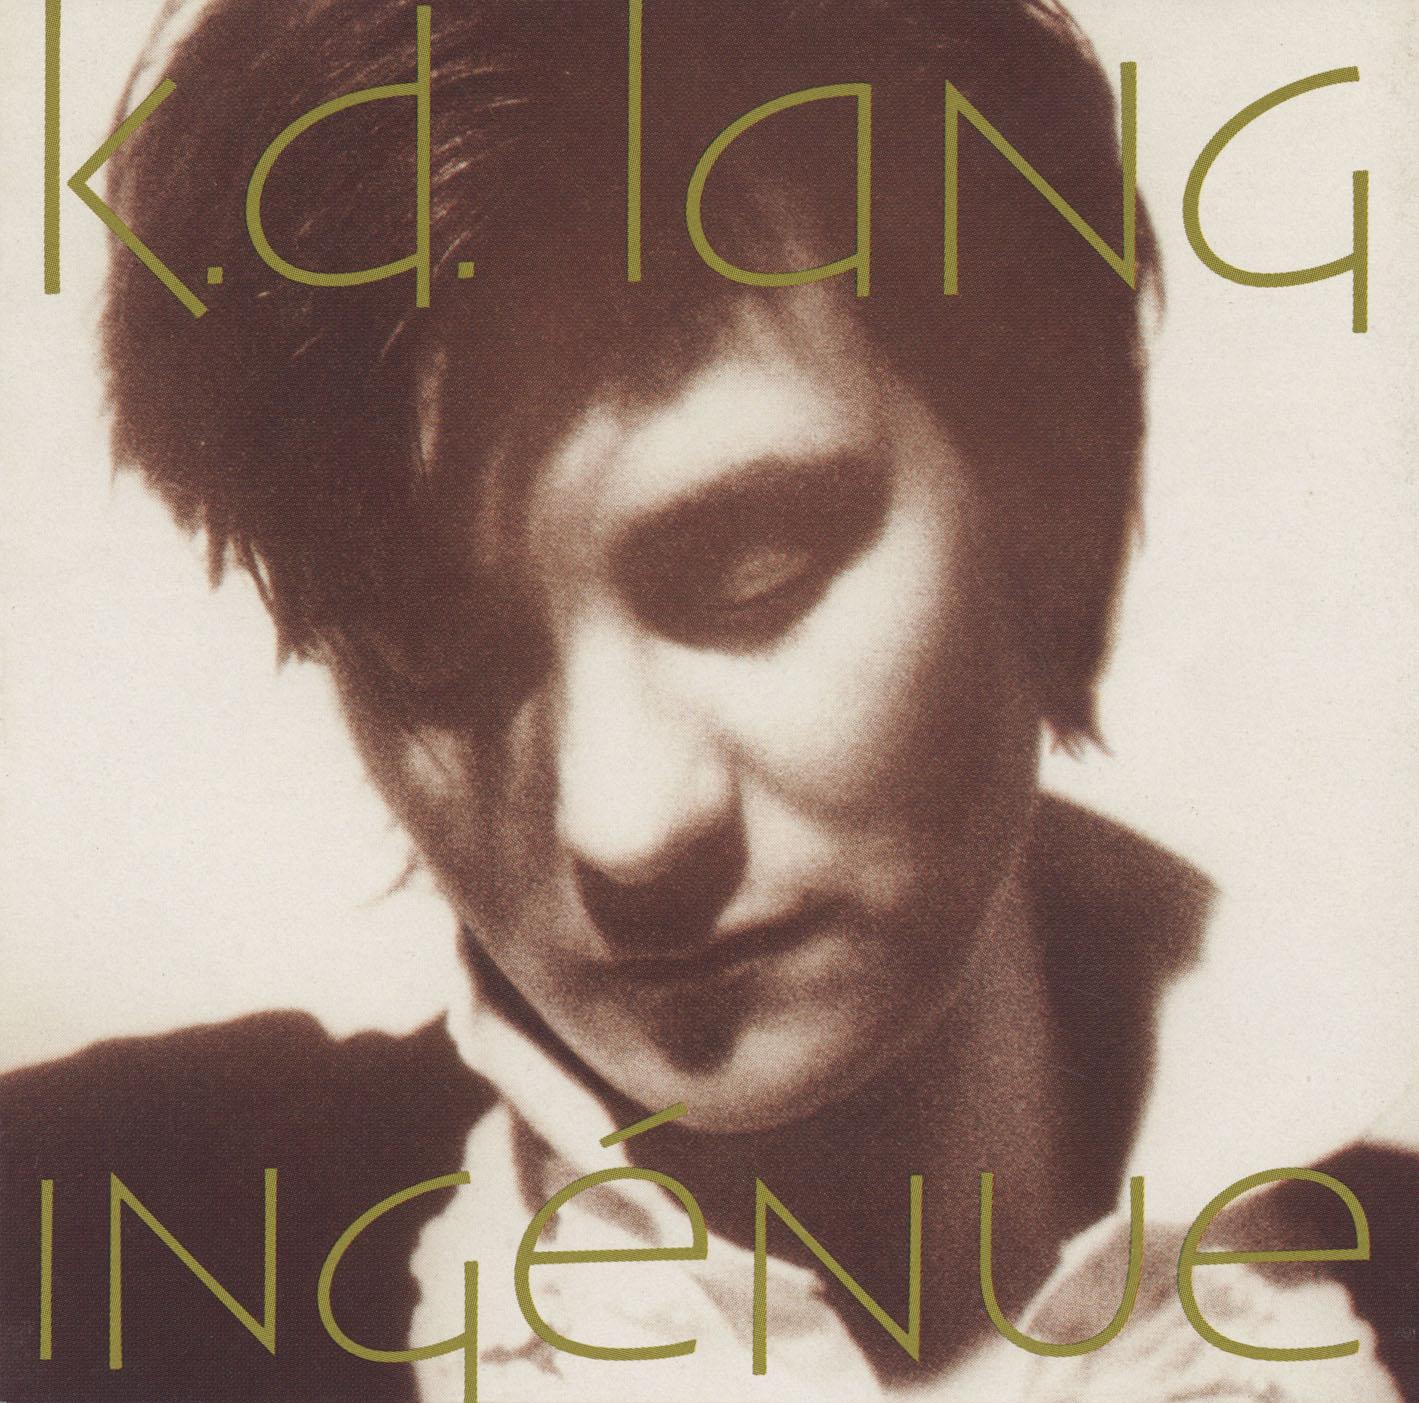 kd Lang_Indenue_cover.jpg